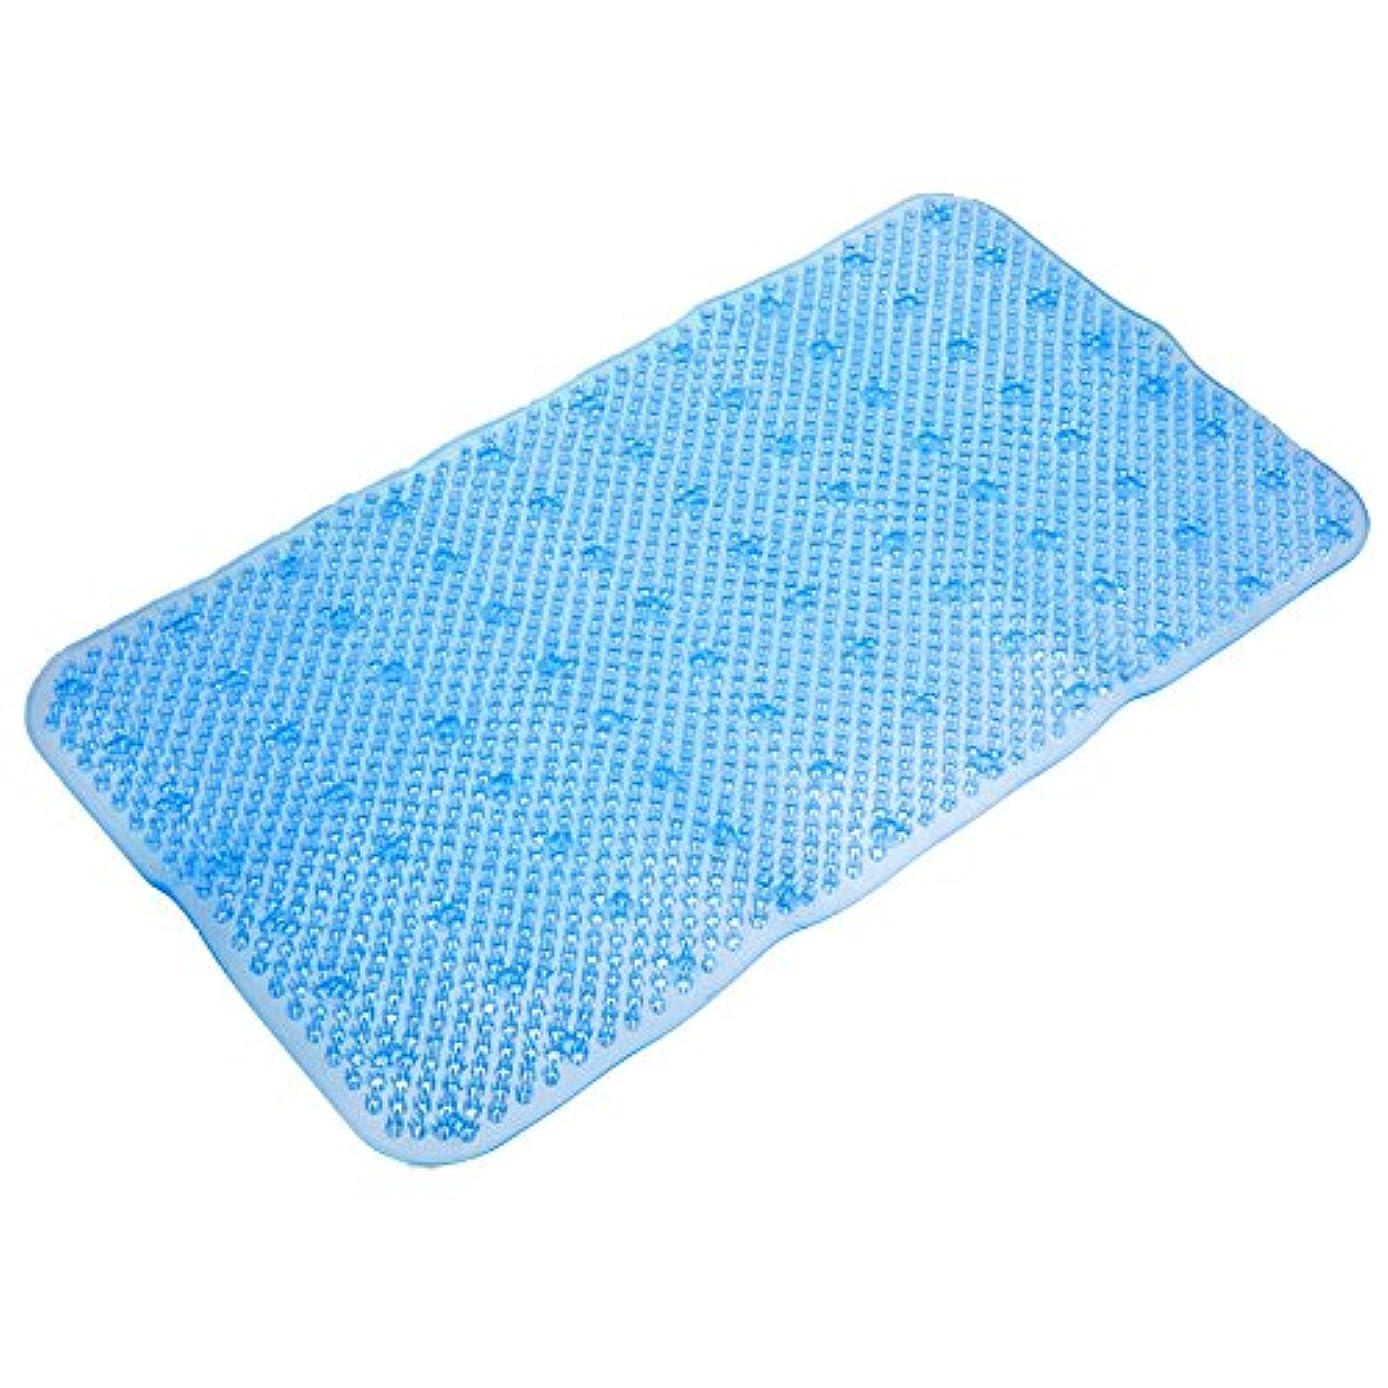 推進力マイナス忘れる便利な pvc 34 × 64 センチ非スリップ風呂浴室シャワー トイレ アンチスリップフロアマット吸引吸盤パッド足マッサージ の敷物5色-青い